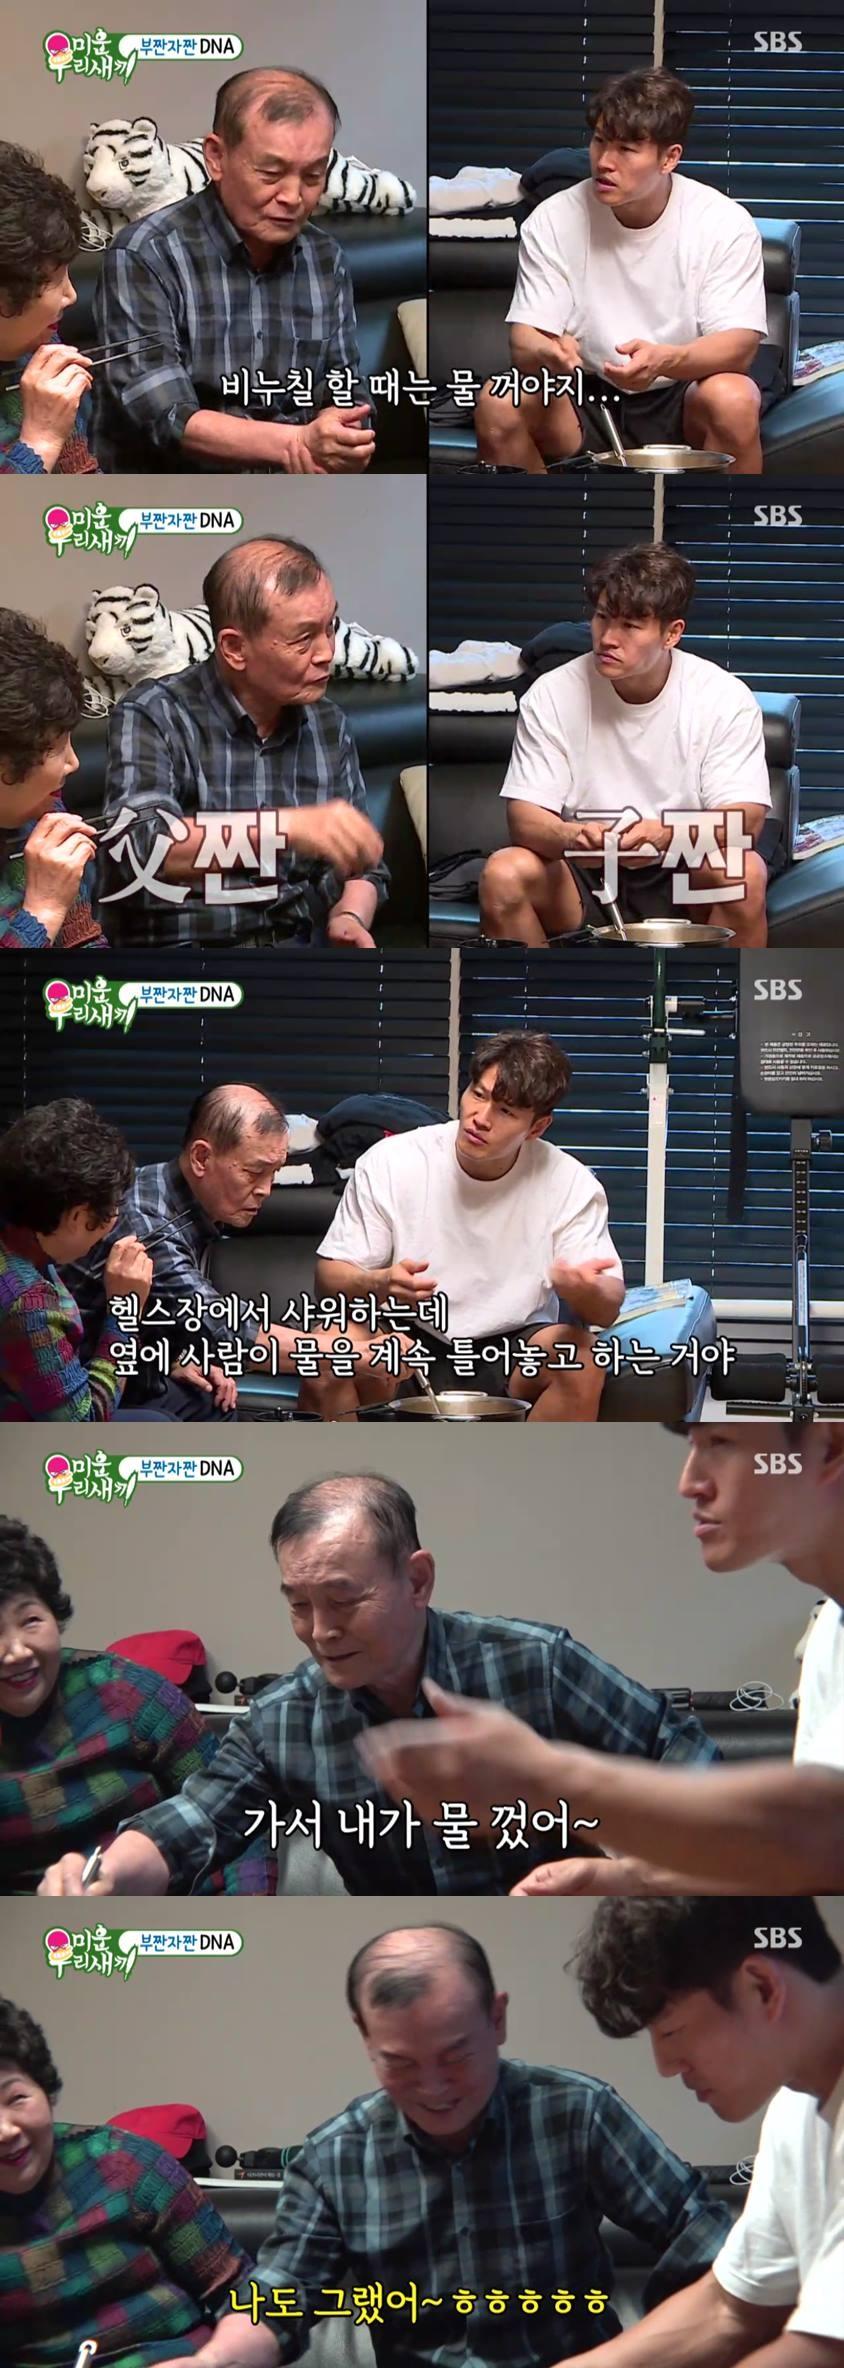 '미운우리새끼' 김종국, 부전자전 절약 에피소드 '최고의 1분' 등극